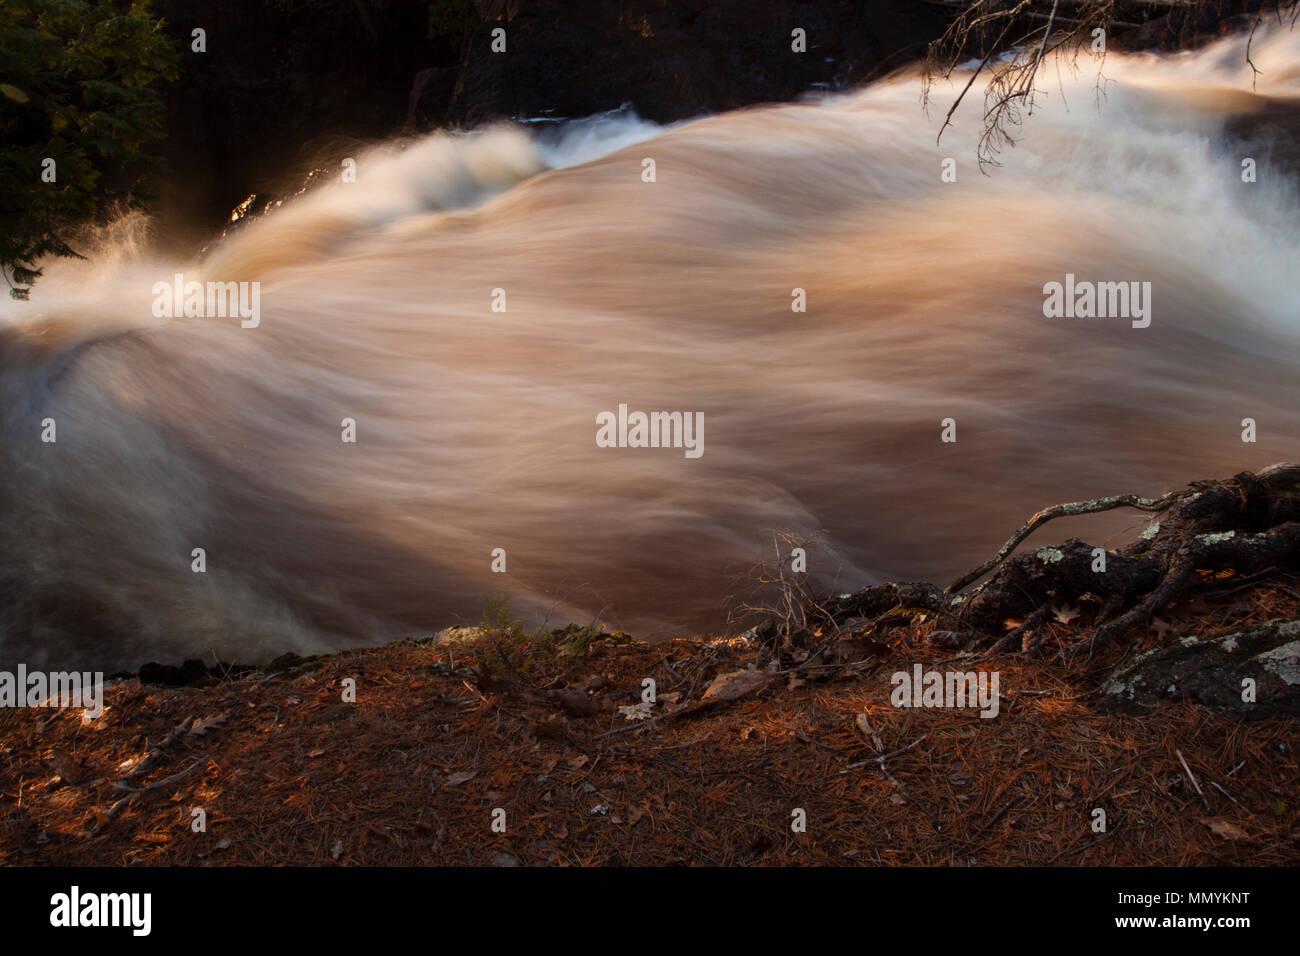 Manitou Stock Photos & Manitou Stock Images - Alamy